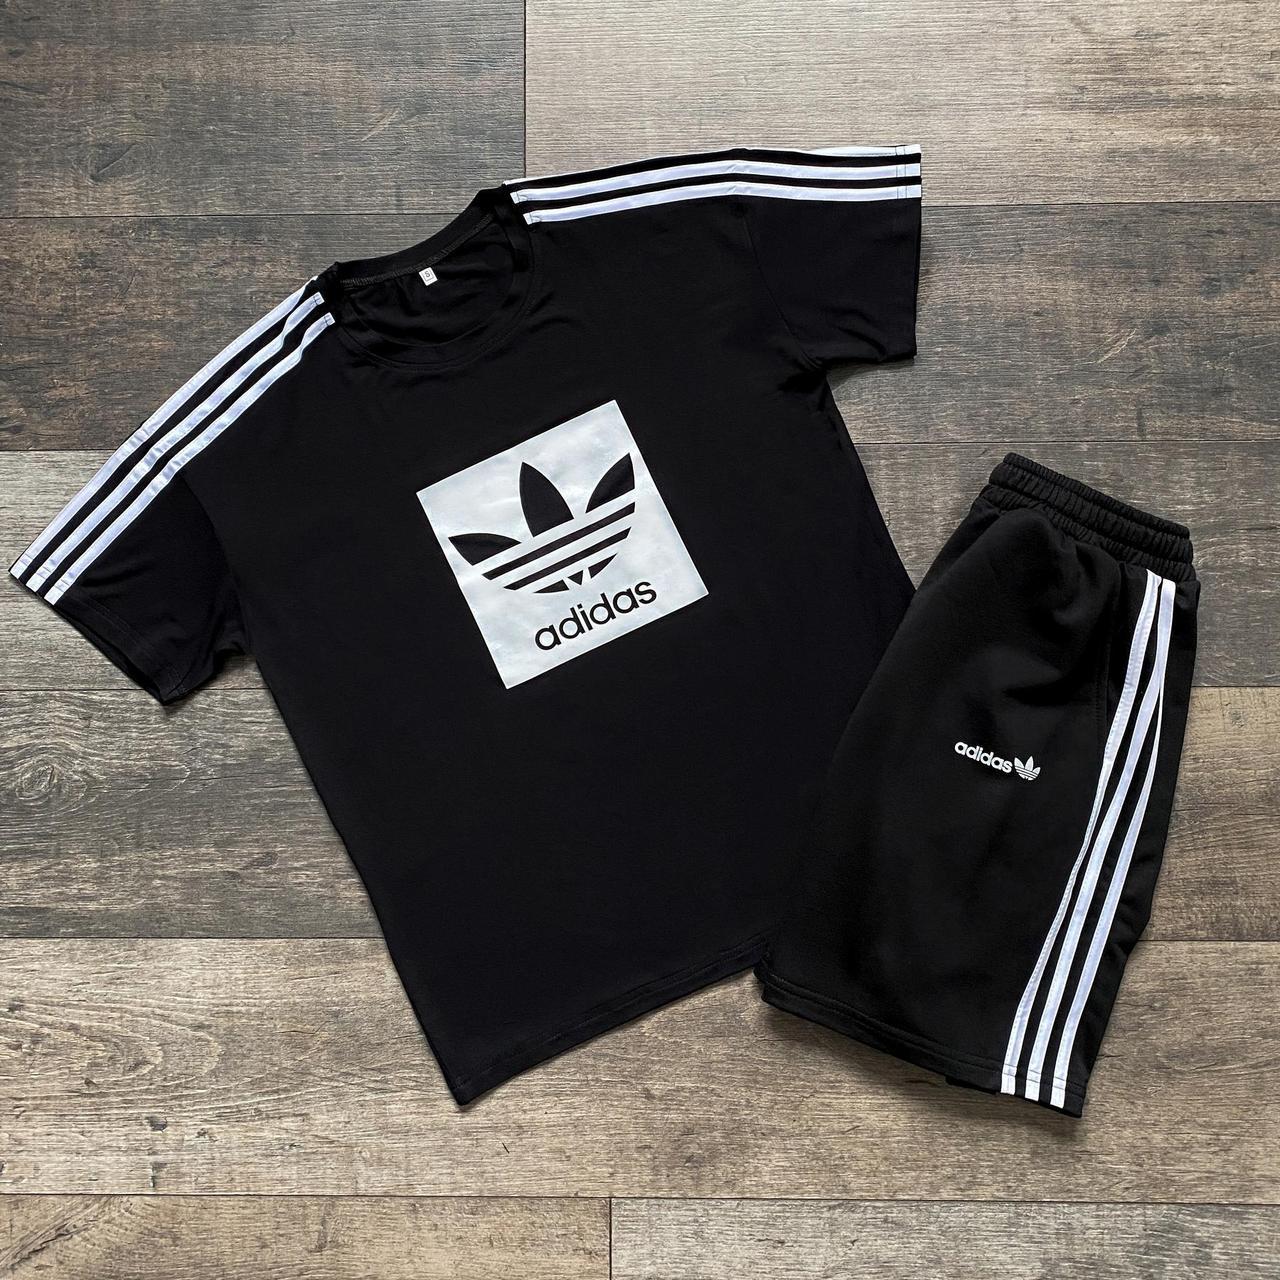 Літня футболка + шорти Літній чоловічий комплект Літній Спортивний костюм Адідас чорного кольору